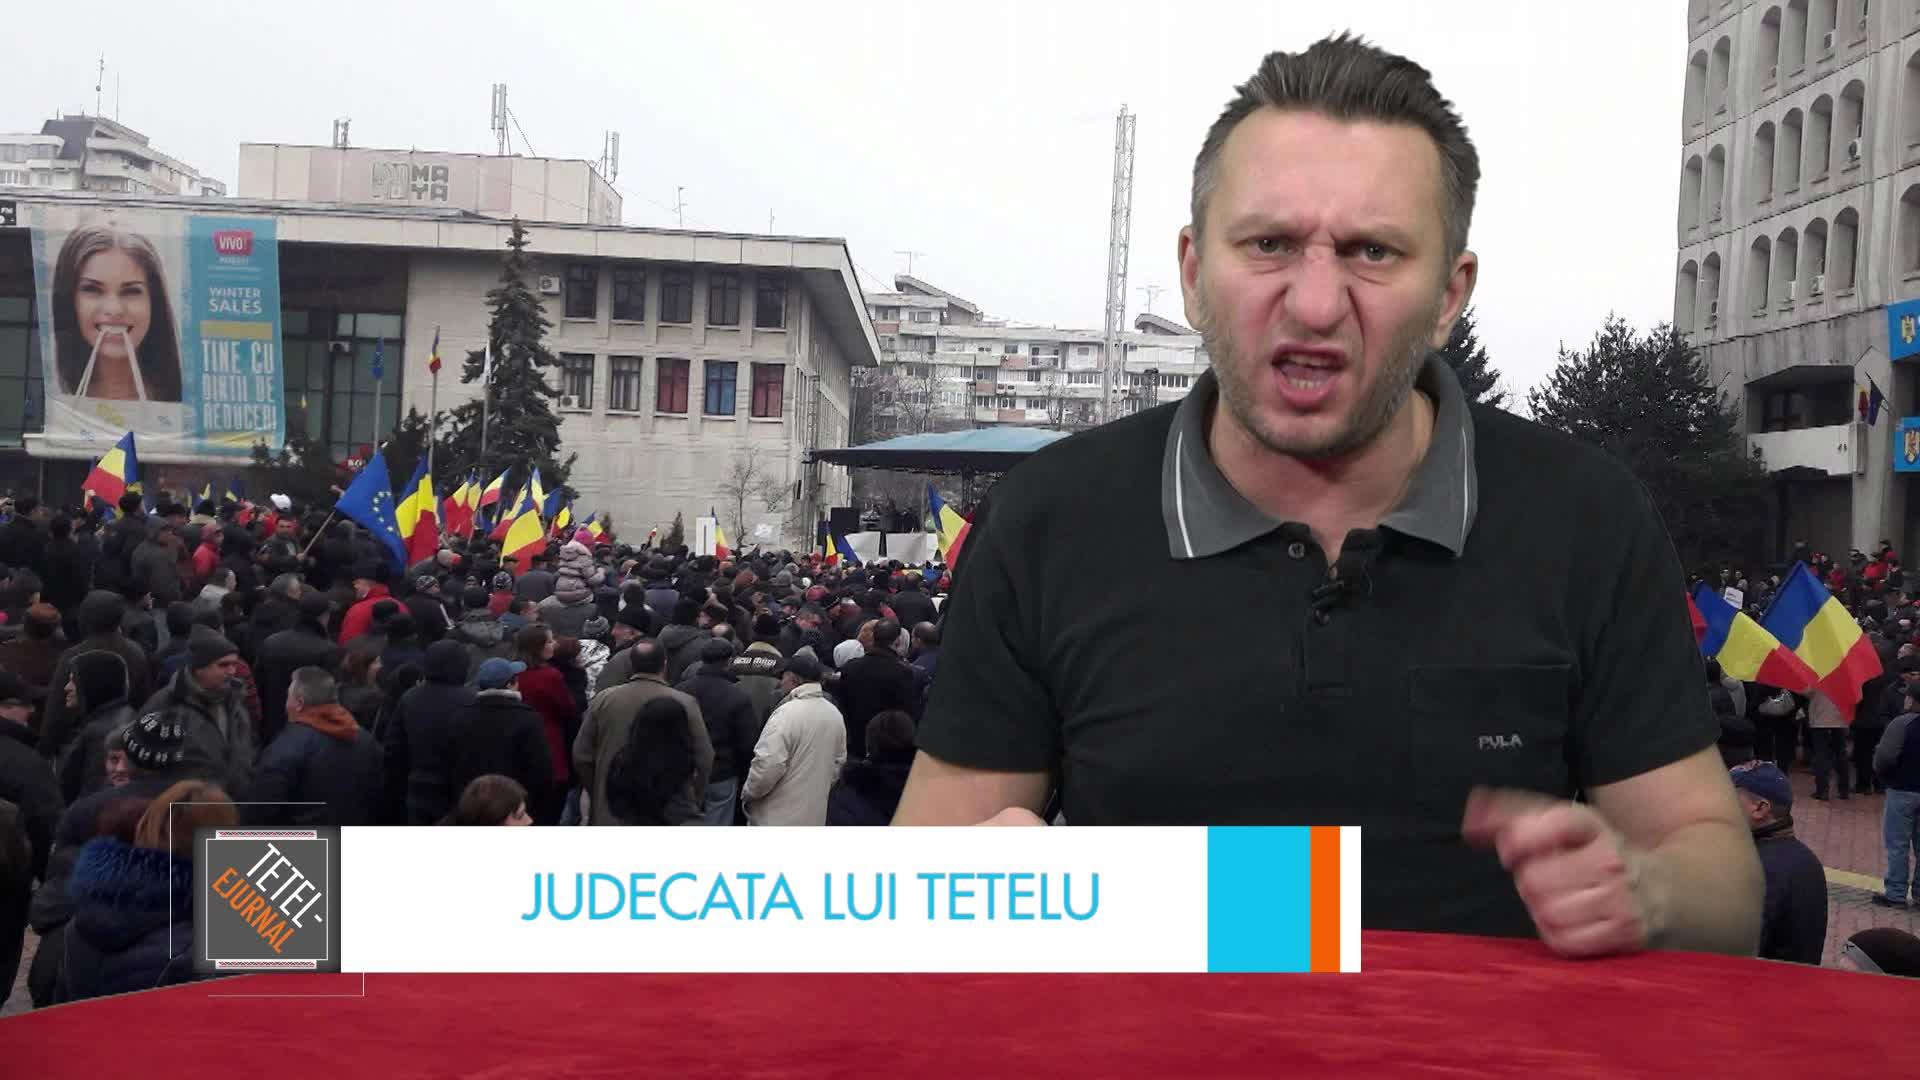 Judecata lui Tetelu: PSD şi România roşie